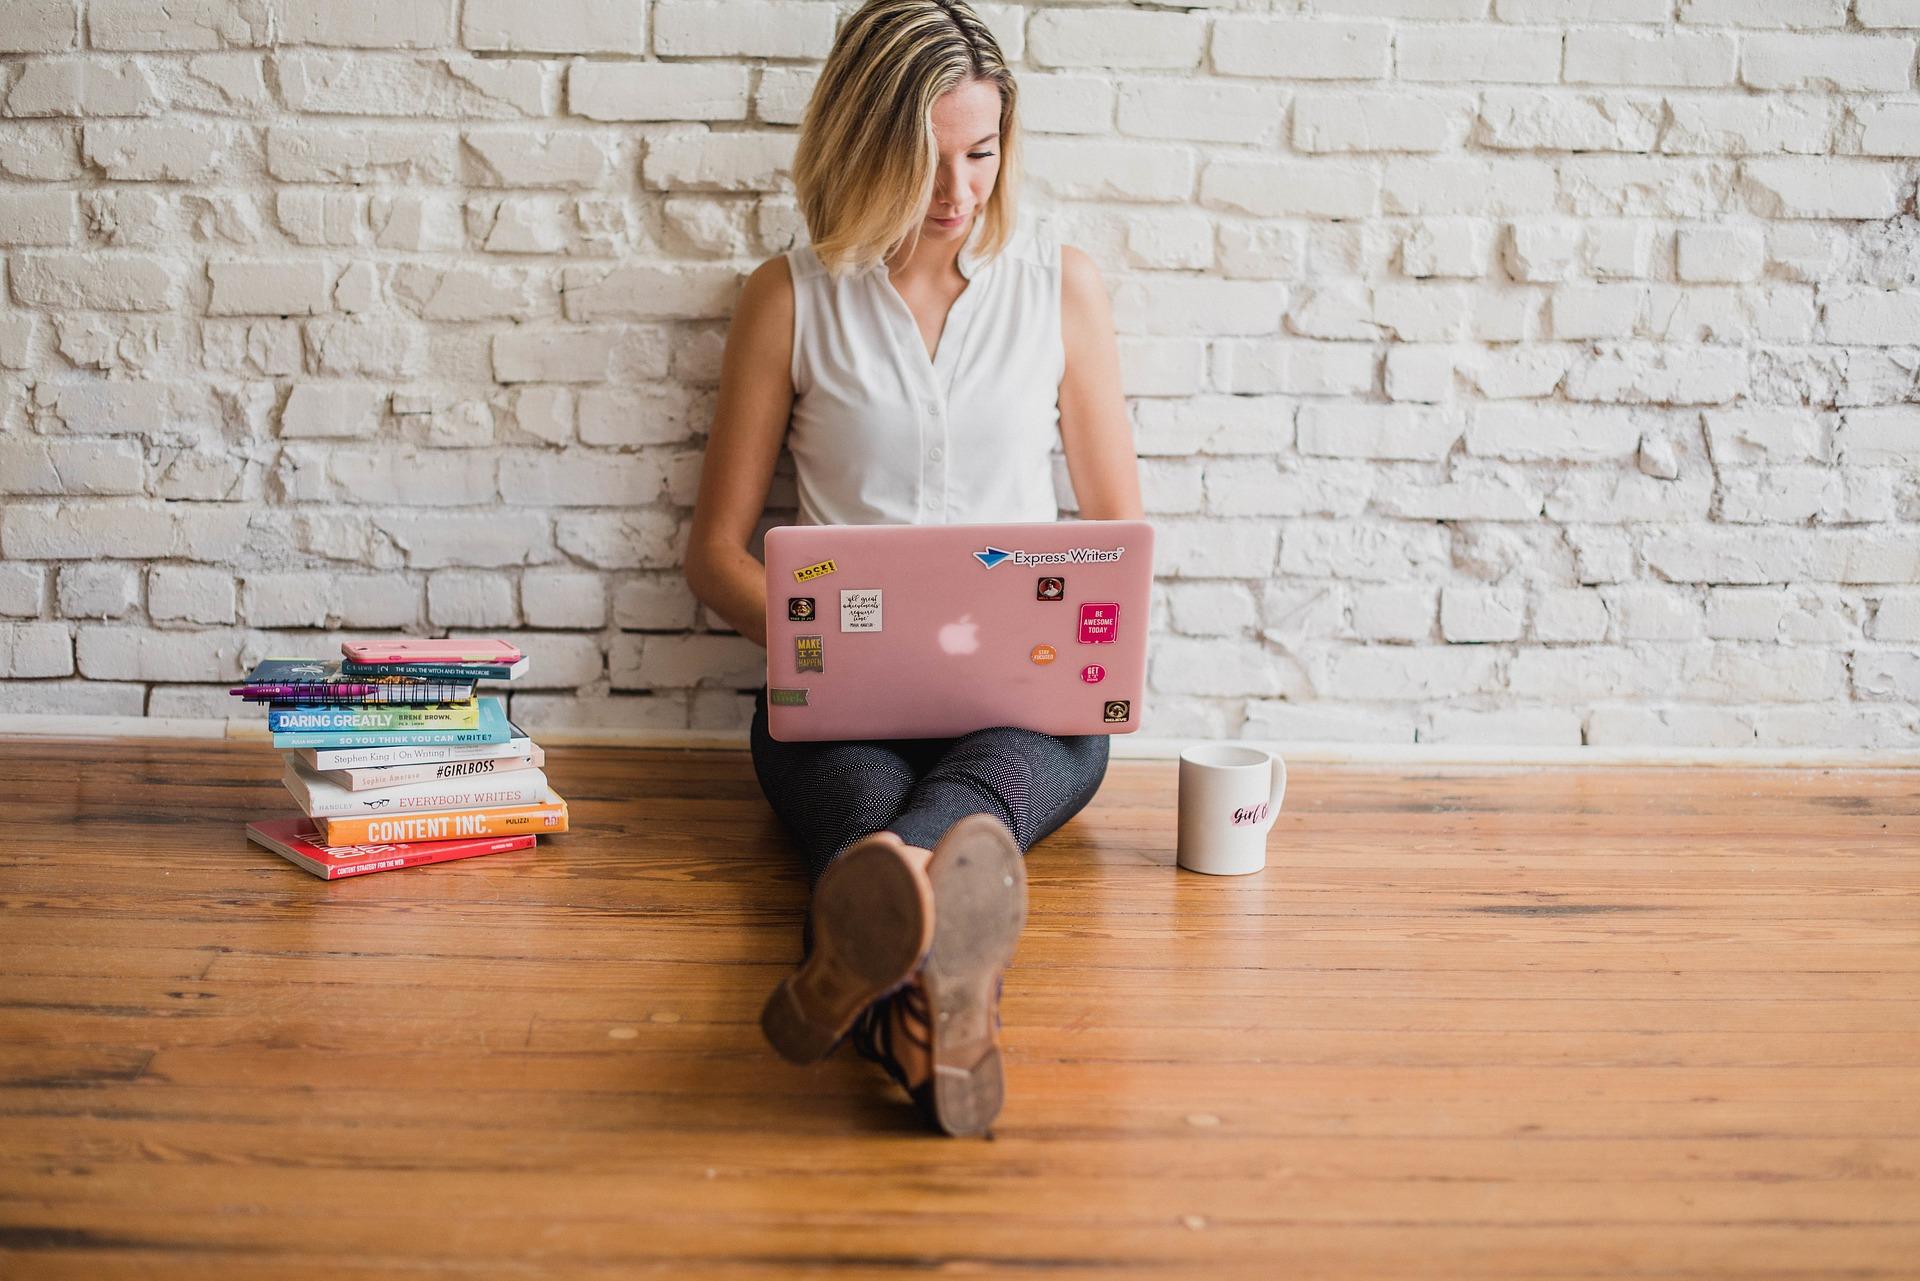 壁にもたれかかってパソコンを操作している女性